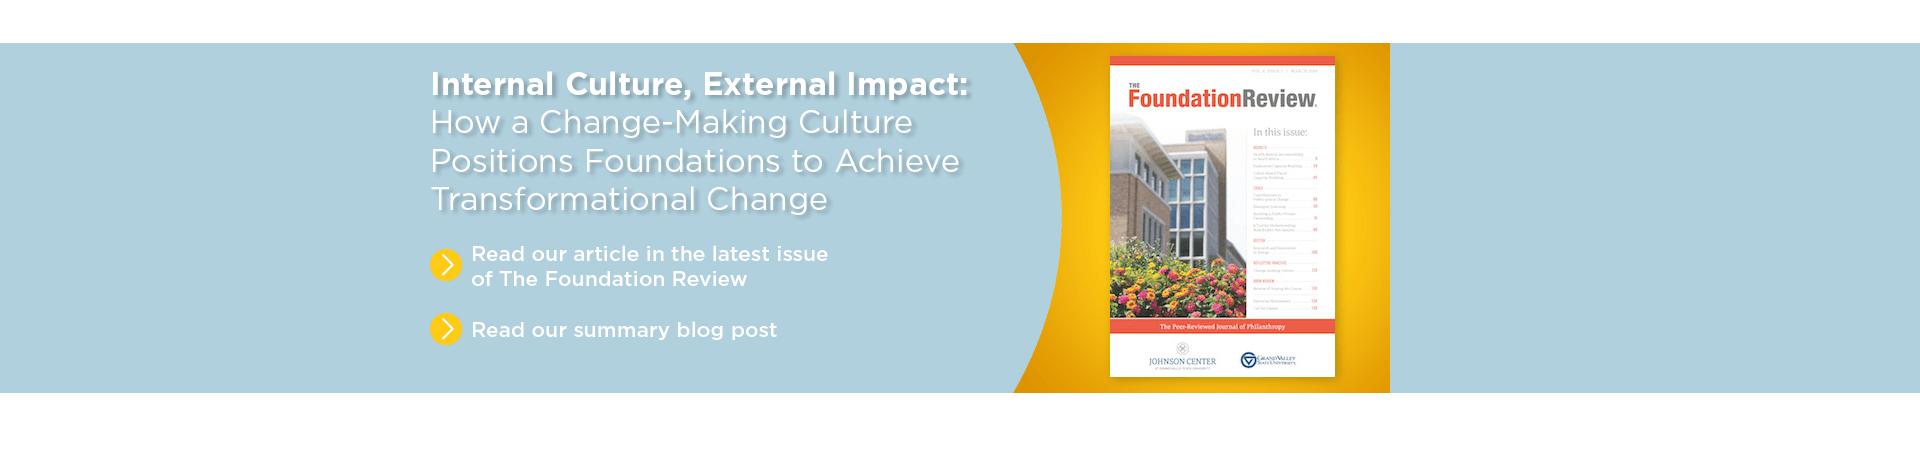 Internal Culture, External Impact